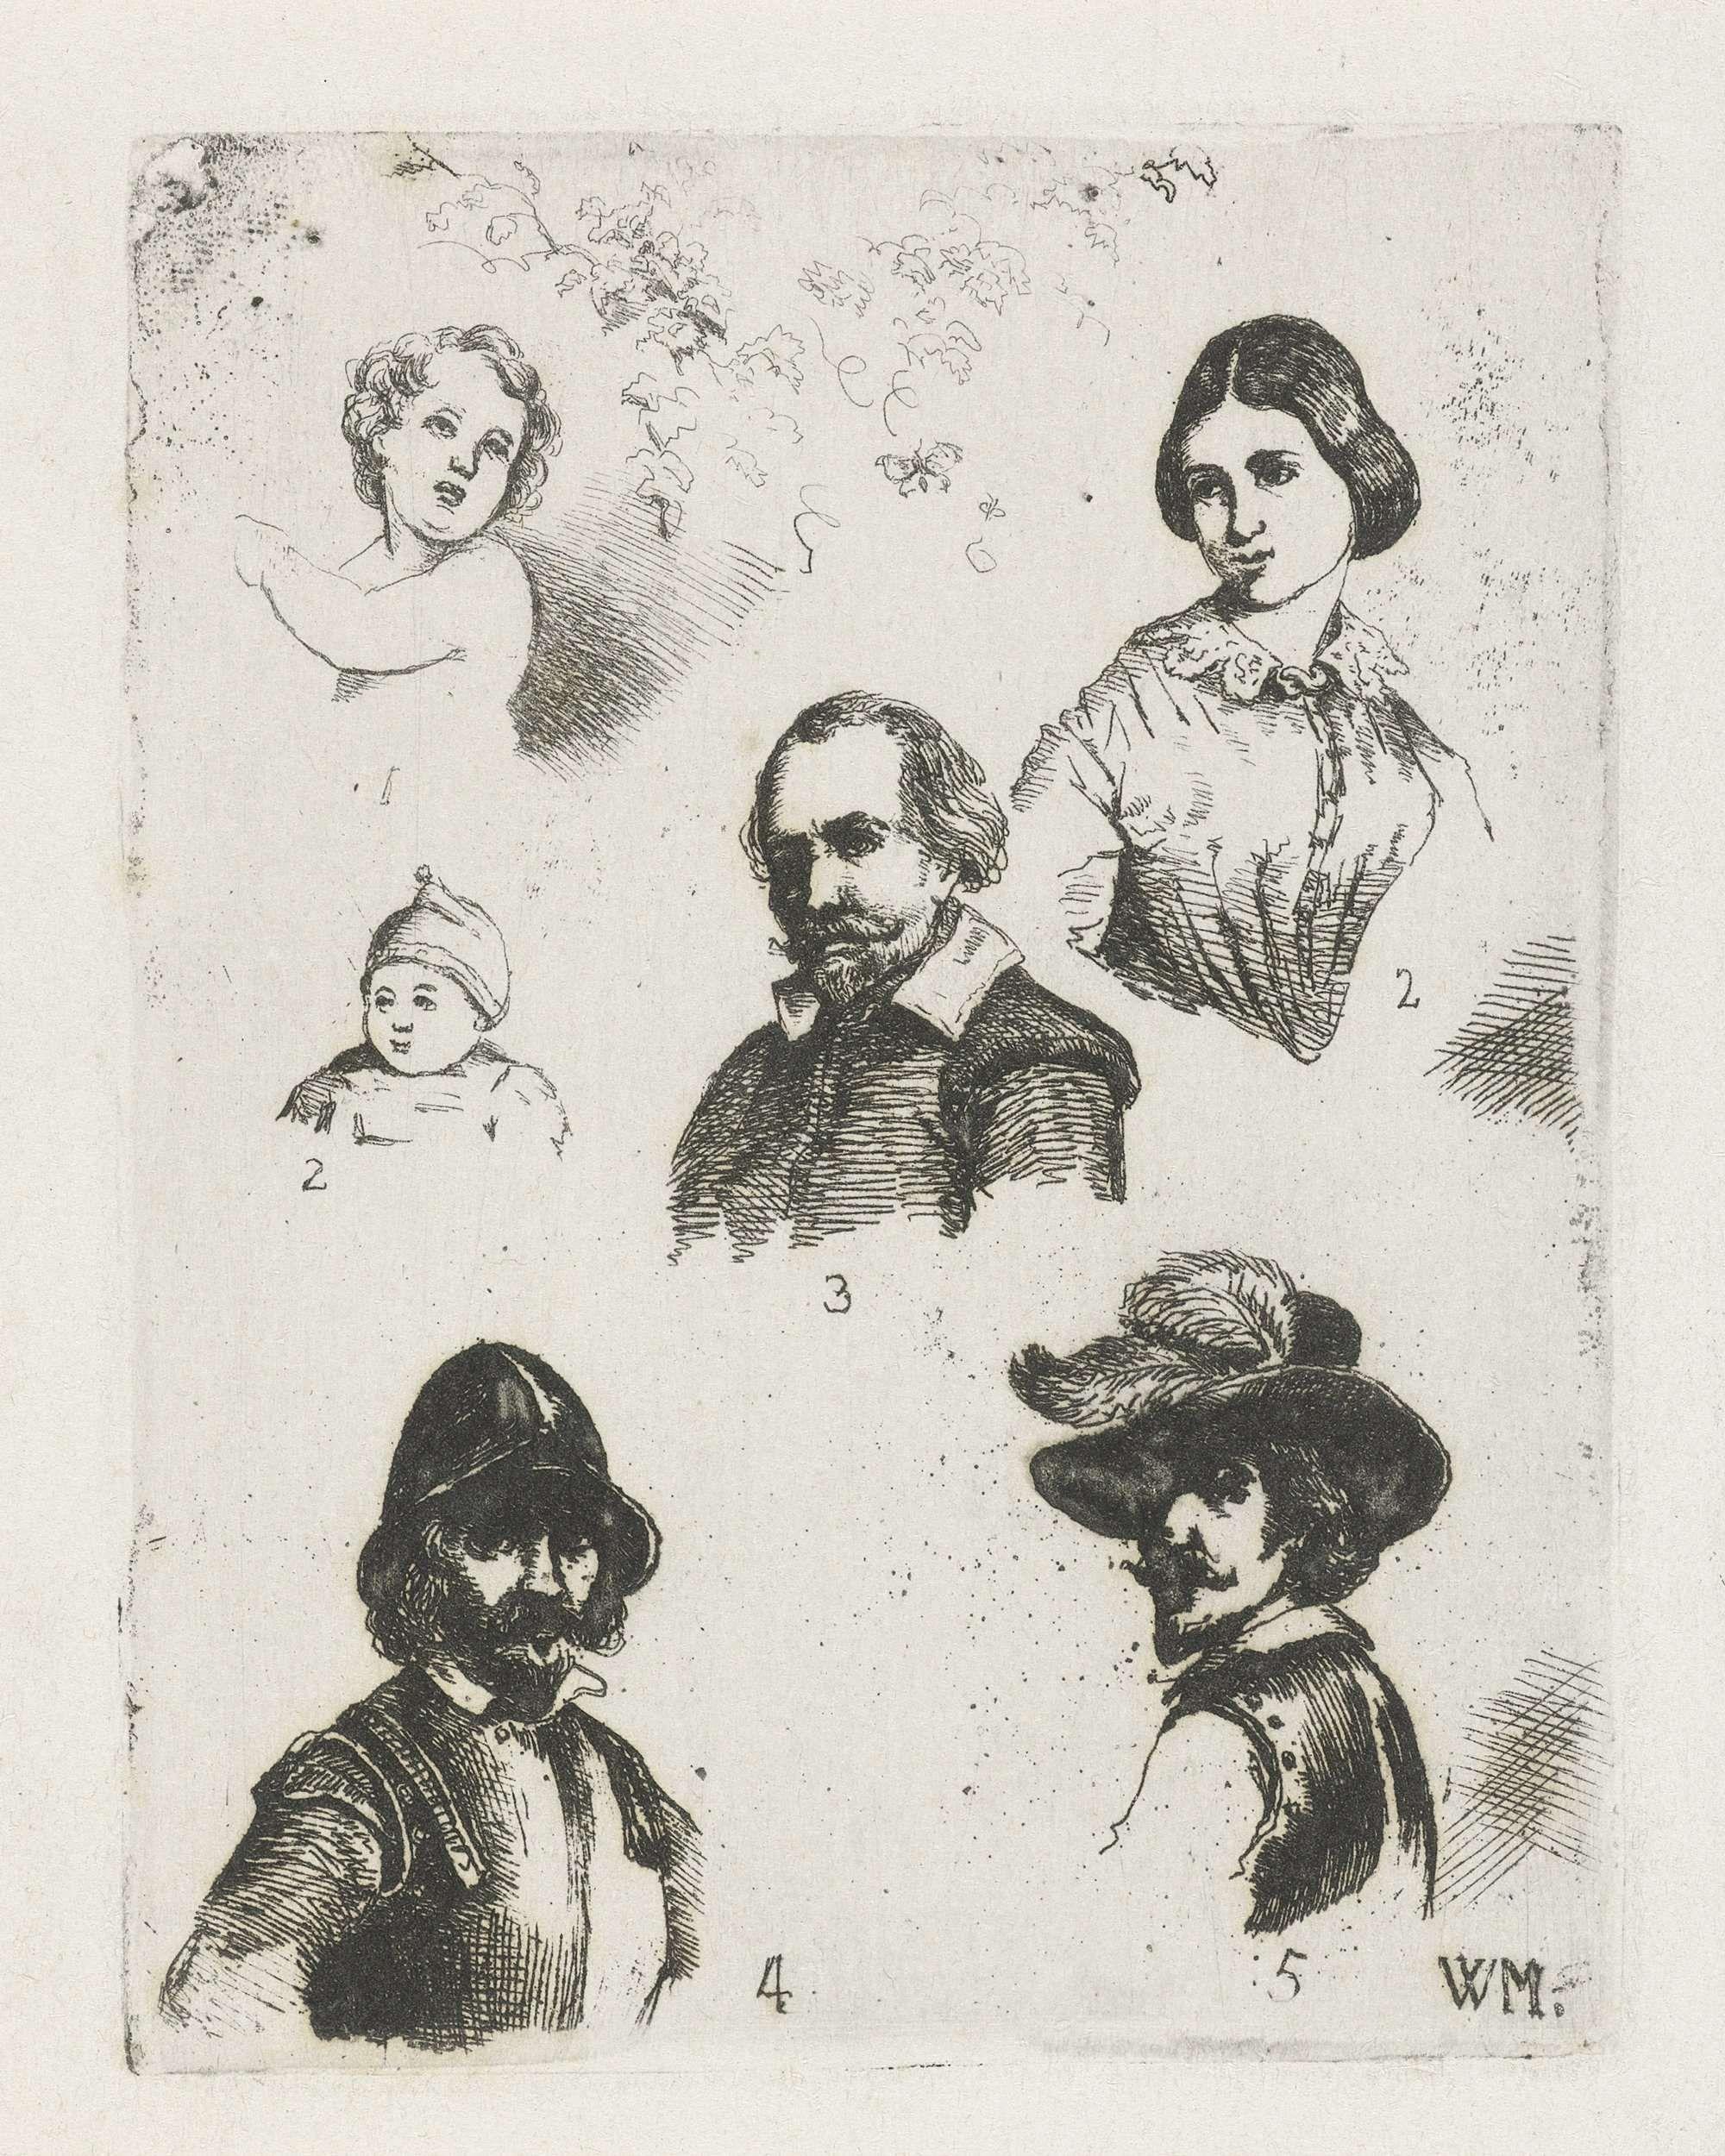 Christiaan Wilhelmus Moorrees | Studieblad met zes bustes, Christiaan Wilhelmus Moorrees, 1811 - 1867 | Studieblad met zes genummerde bustes. Linksboven een putto onder gebladerte, rechtsboven een vrouw. In het midden een baby en een man. Linksonder een man met een helm en rechtsonder een man met een veer op zijn hoed.